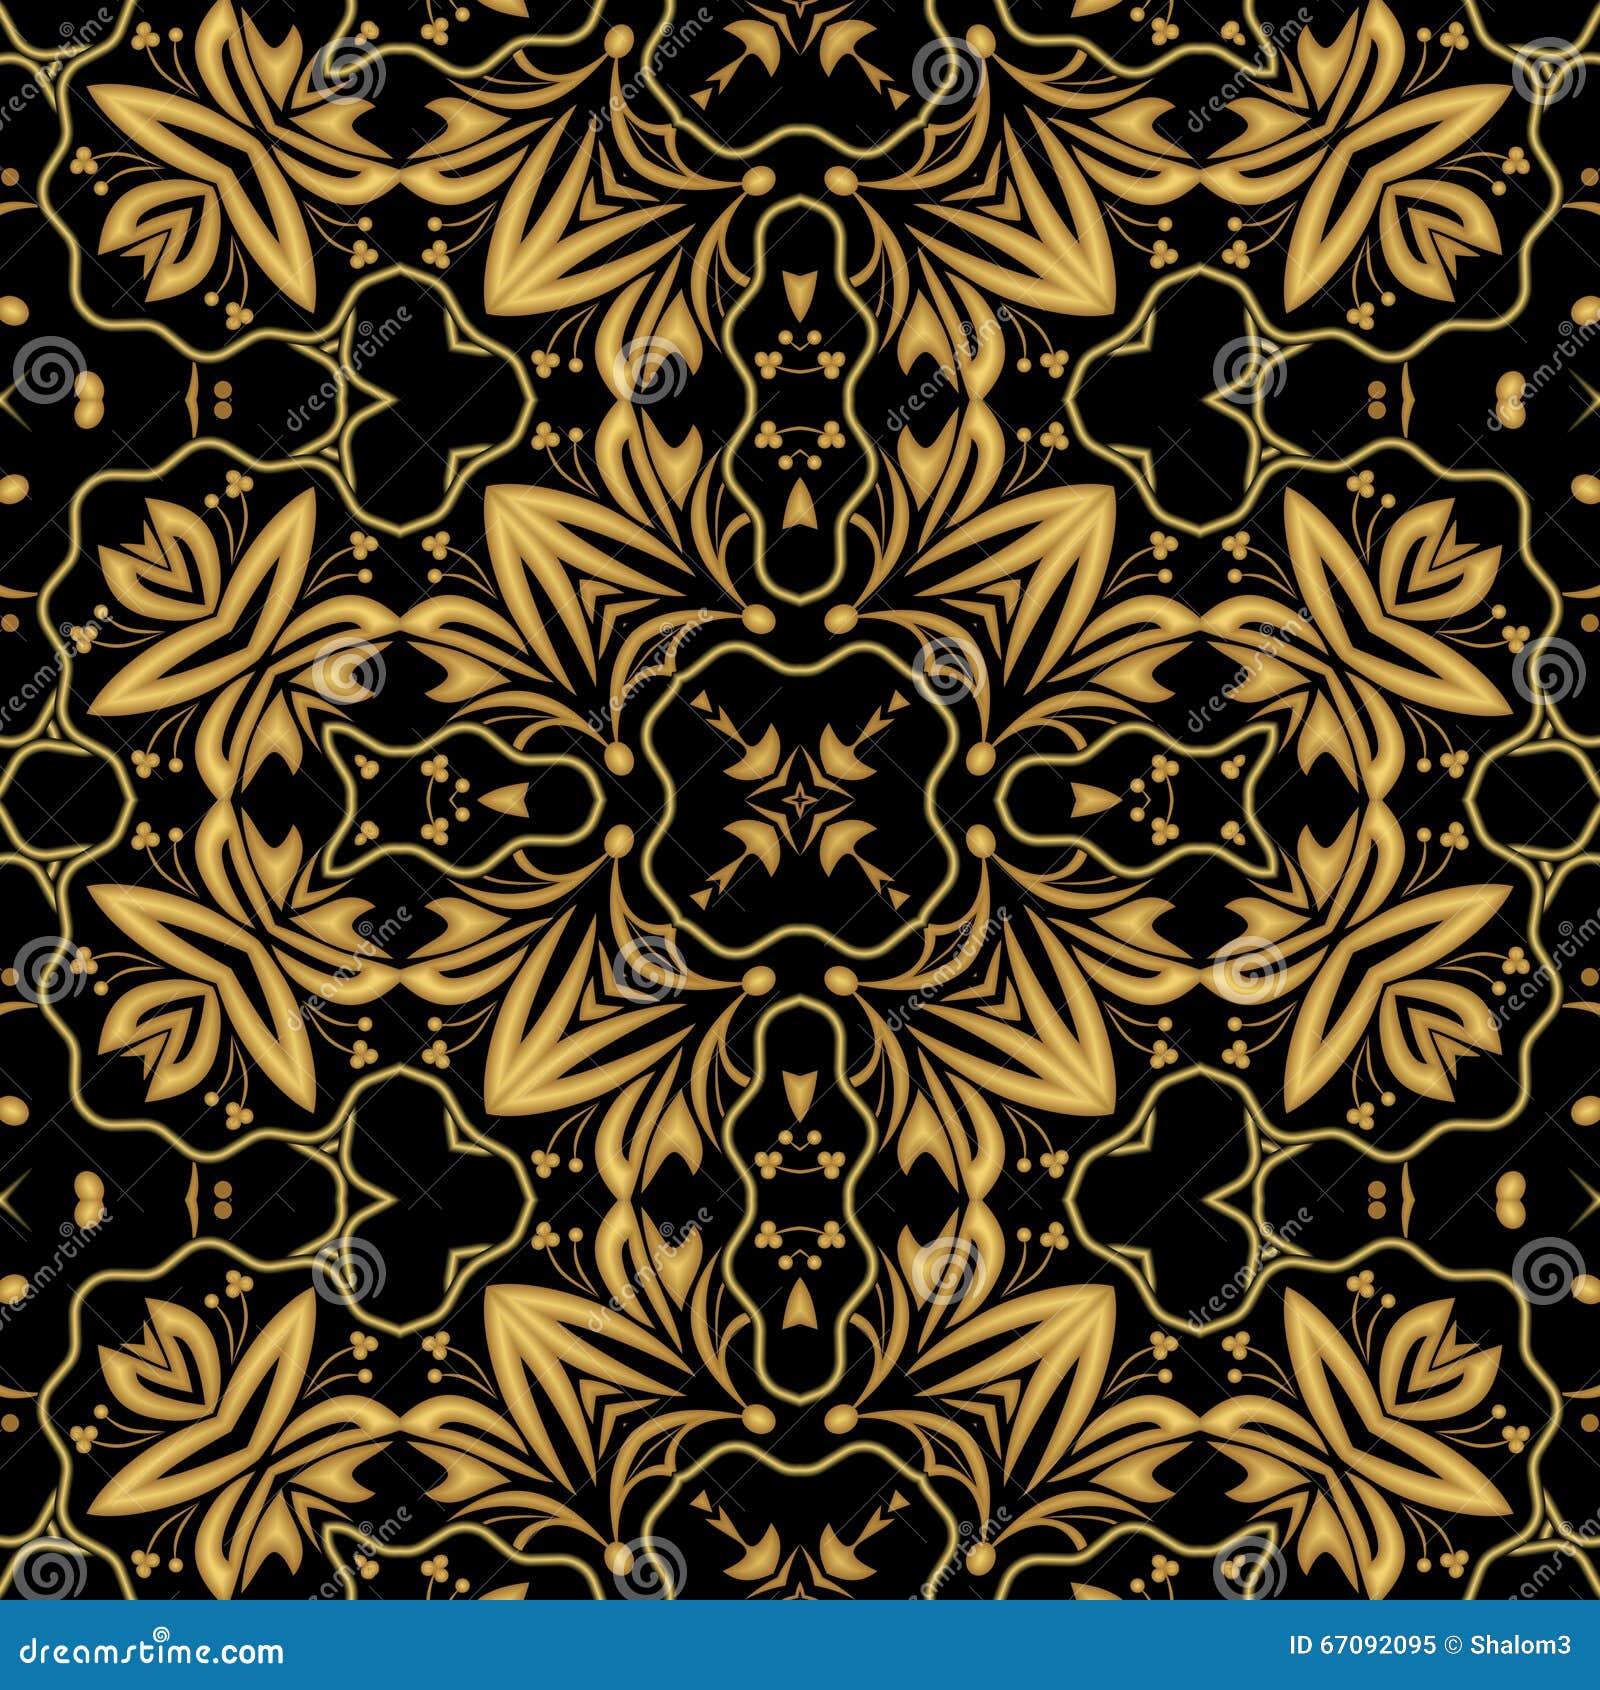 Luxueuze gouden in reliëf gemaakte brokaat of damast oosterse patronen, symmetrisch ornament op zwarte achtergrond